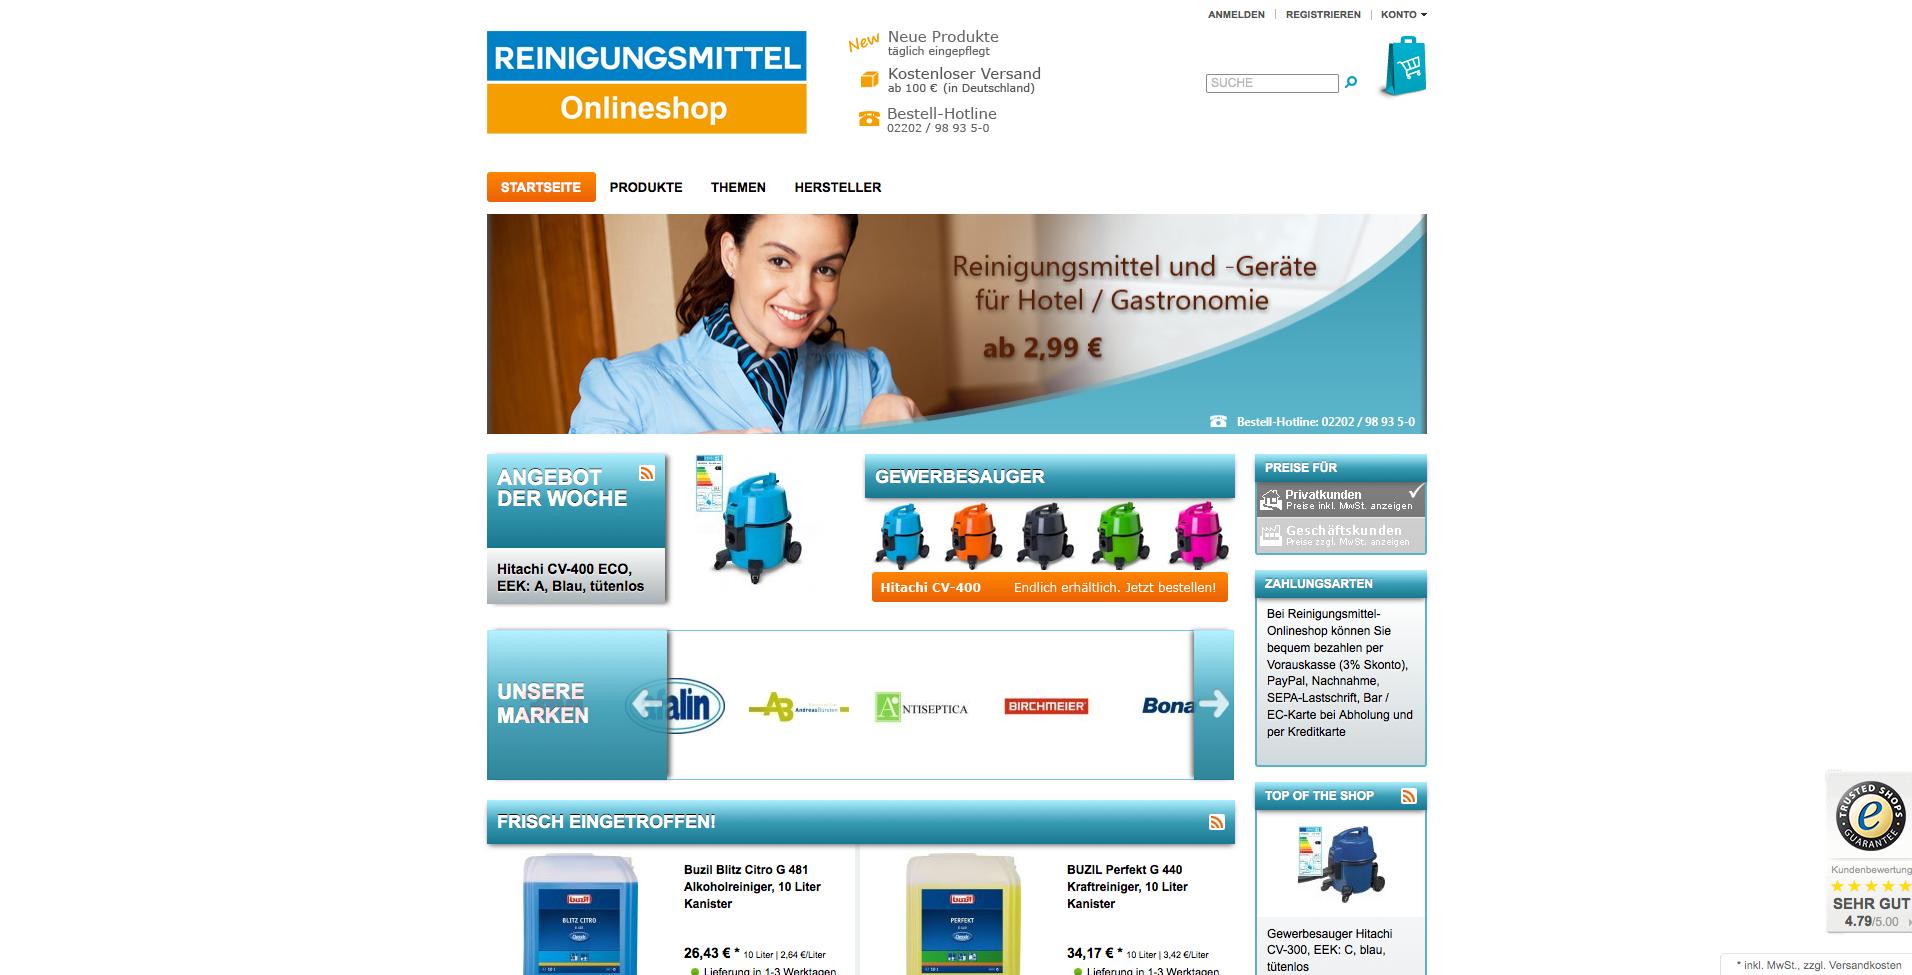 reinigungsmittel-onlineshop.de Gutschein